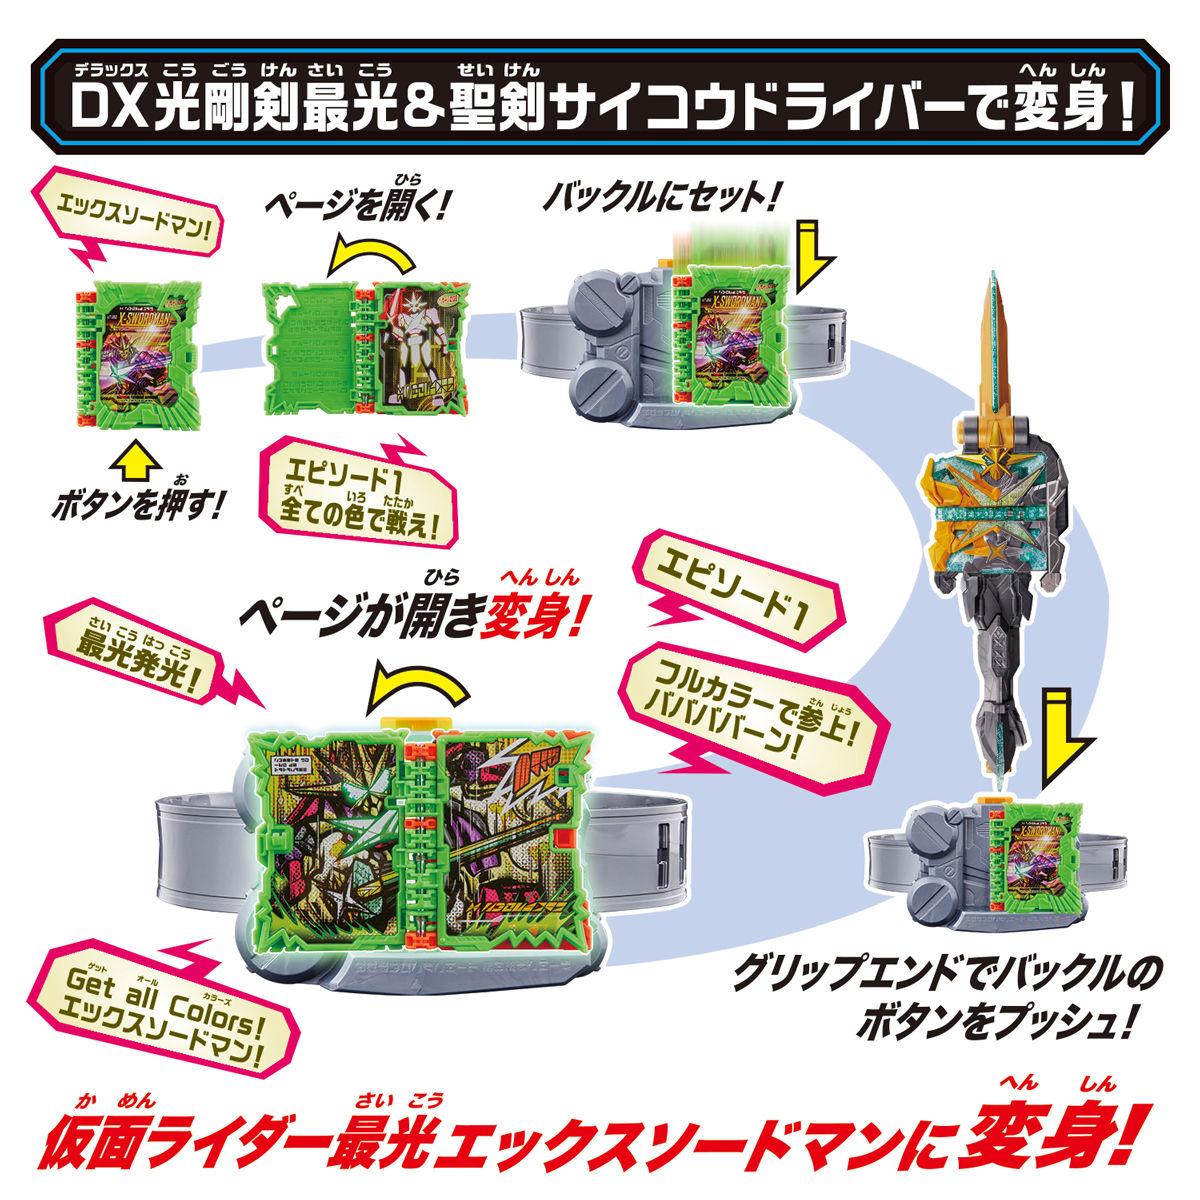 変身ベルト DX仮面ライダー最光 エックスソードマン 完全なりきりセット